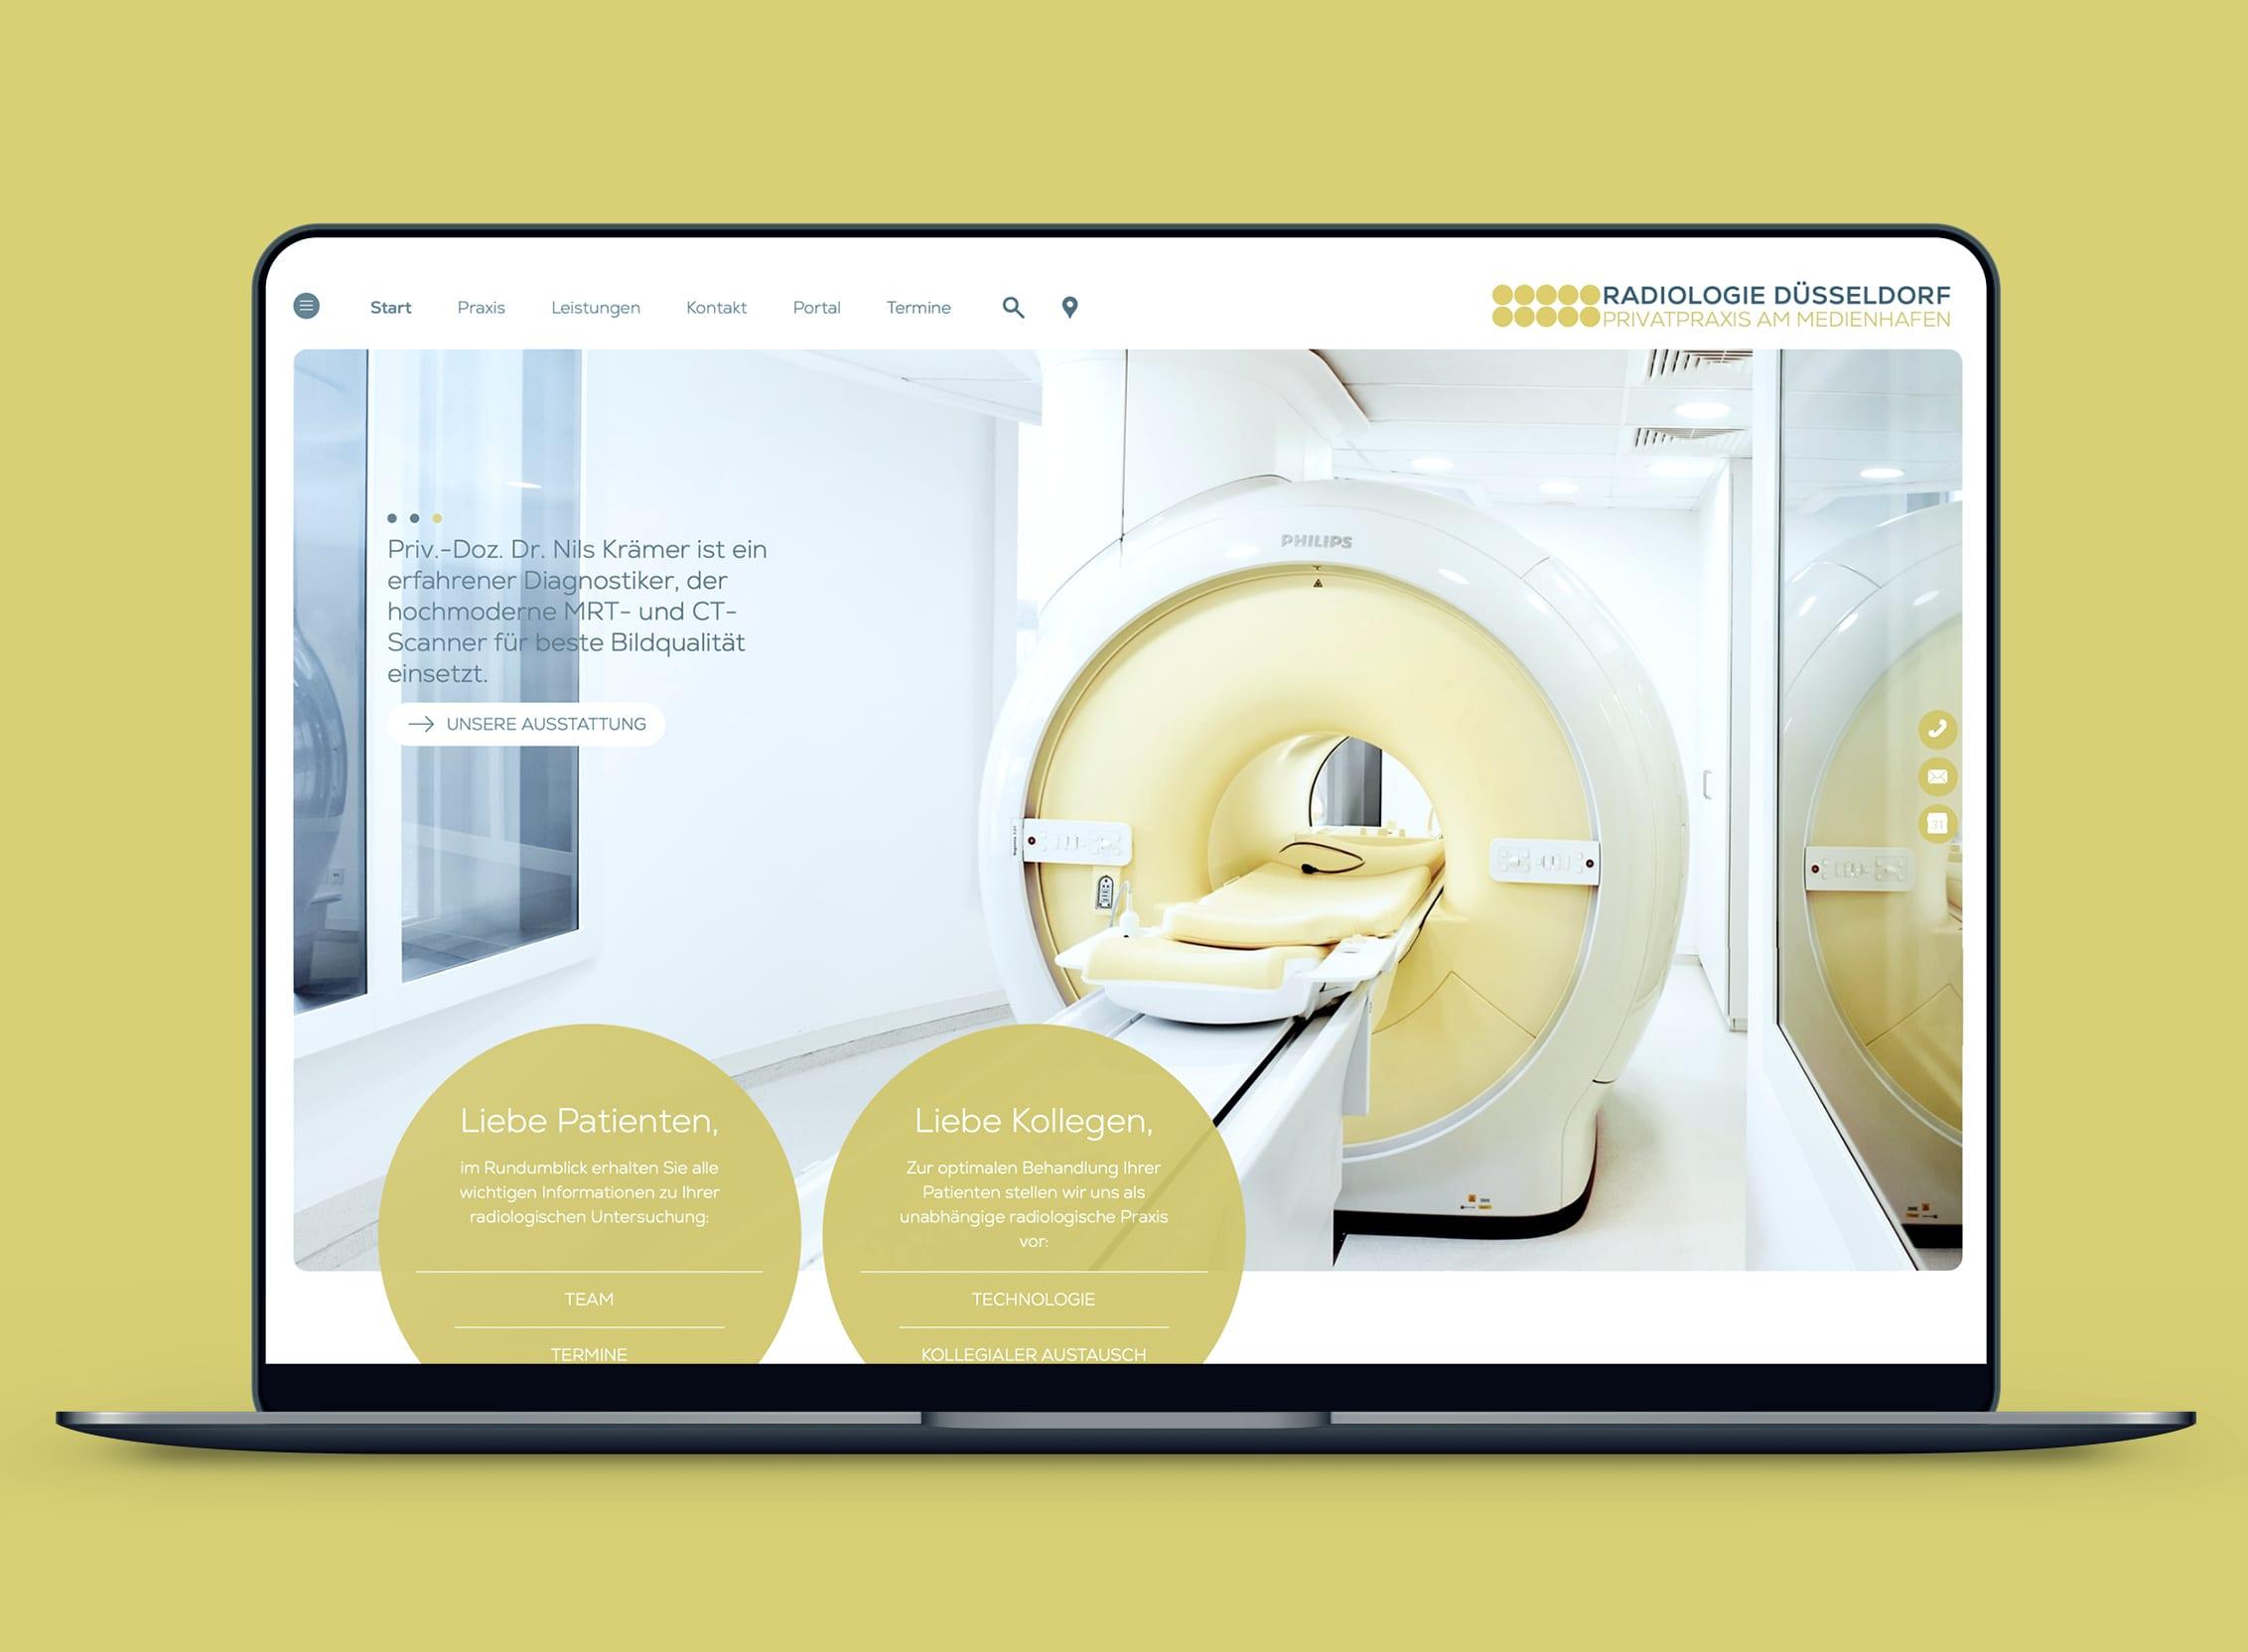 zur Website der Radiologie Düsseldorf